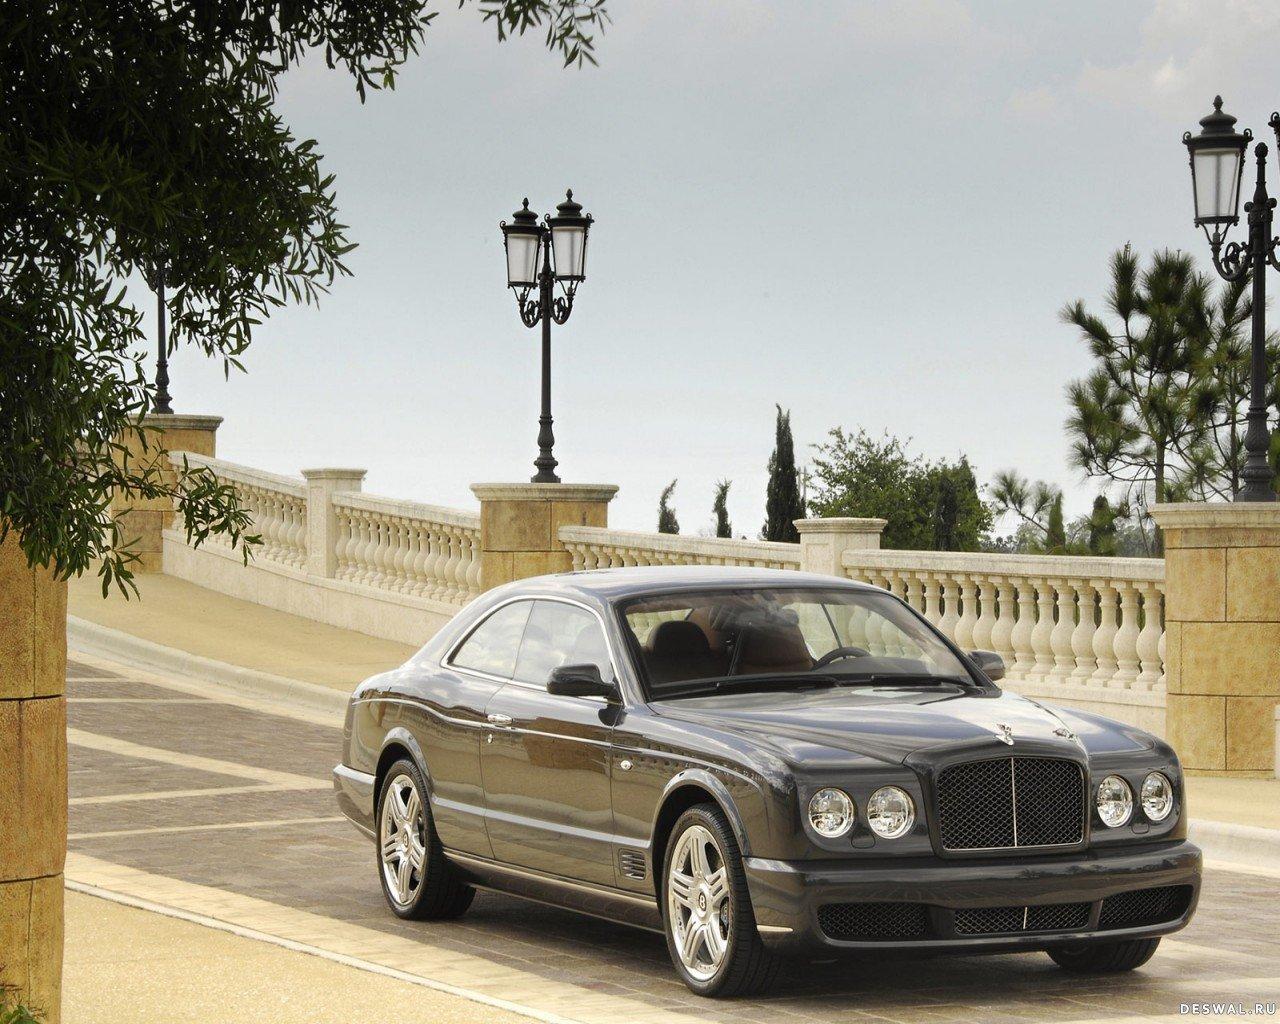 Изображение автомобиля на обои , Нажмите на картинку с обоями автомобиля bentley, чтобы просмотреть ее в реальном размере